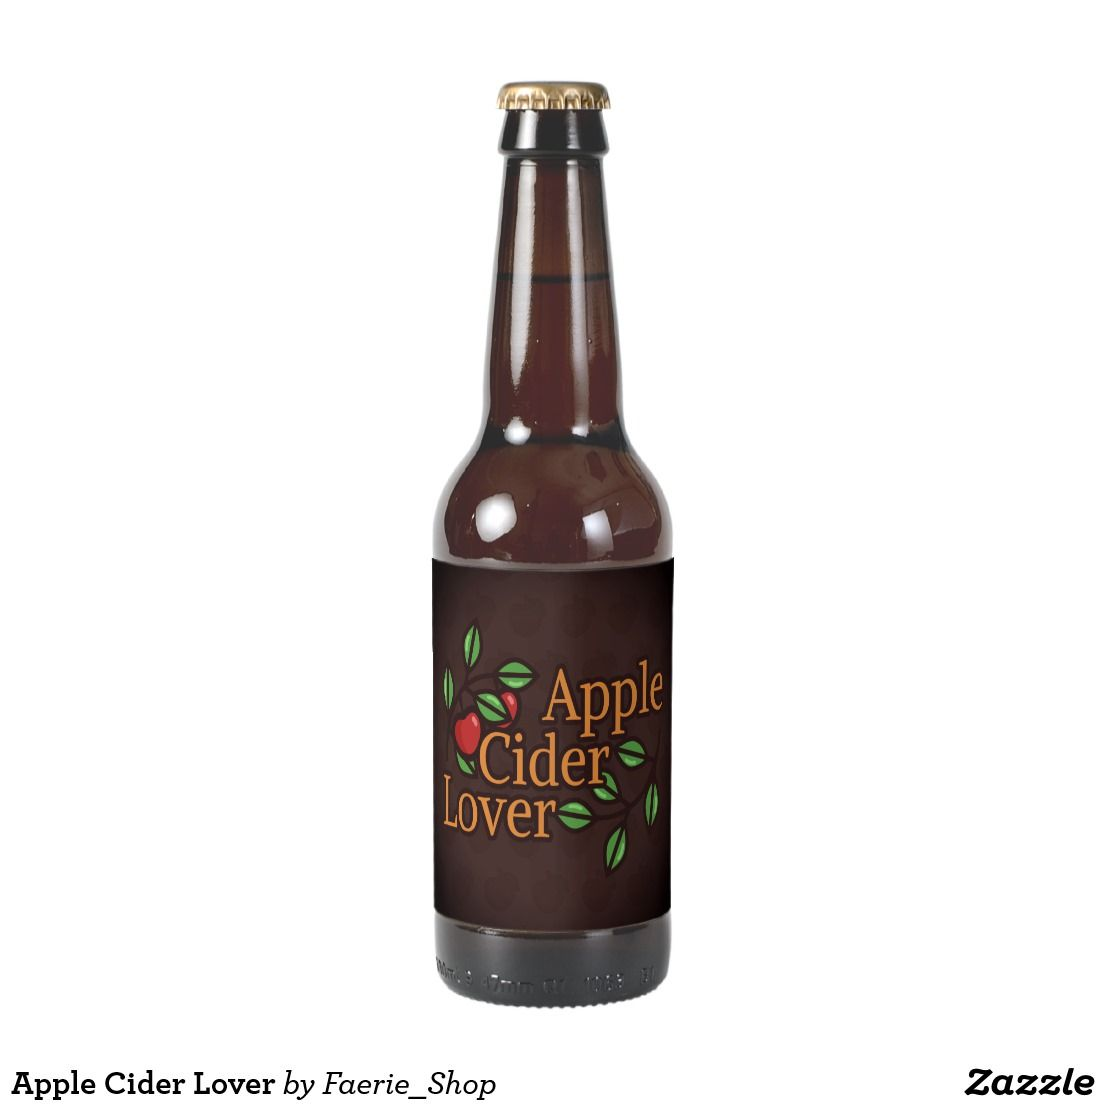 Le Cider Lover Beer Bottle Label